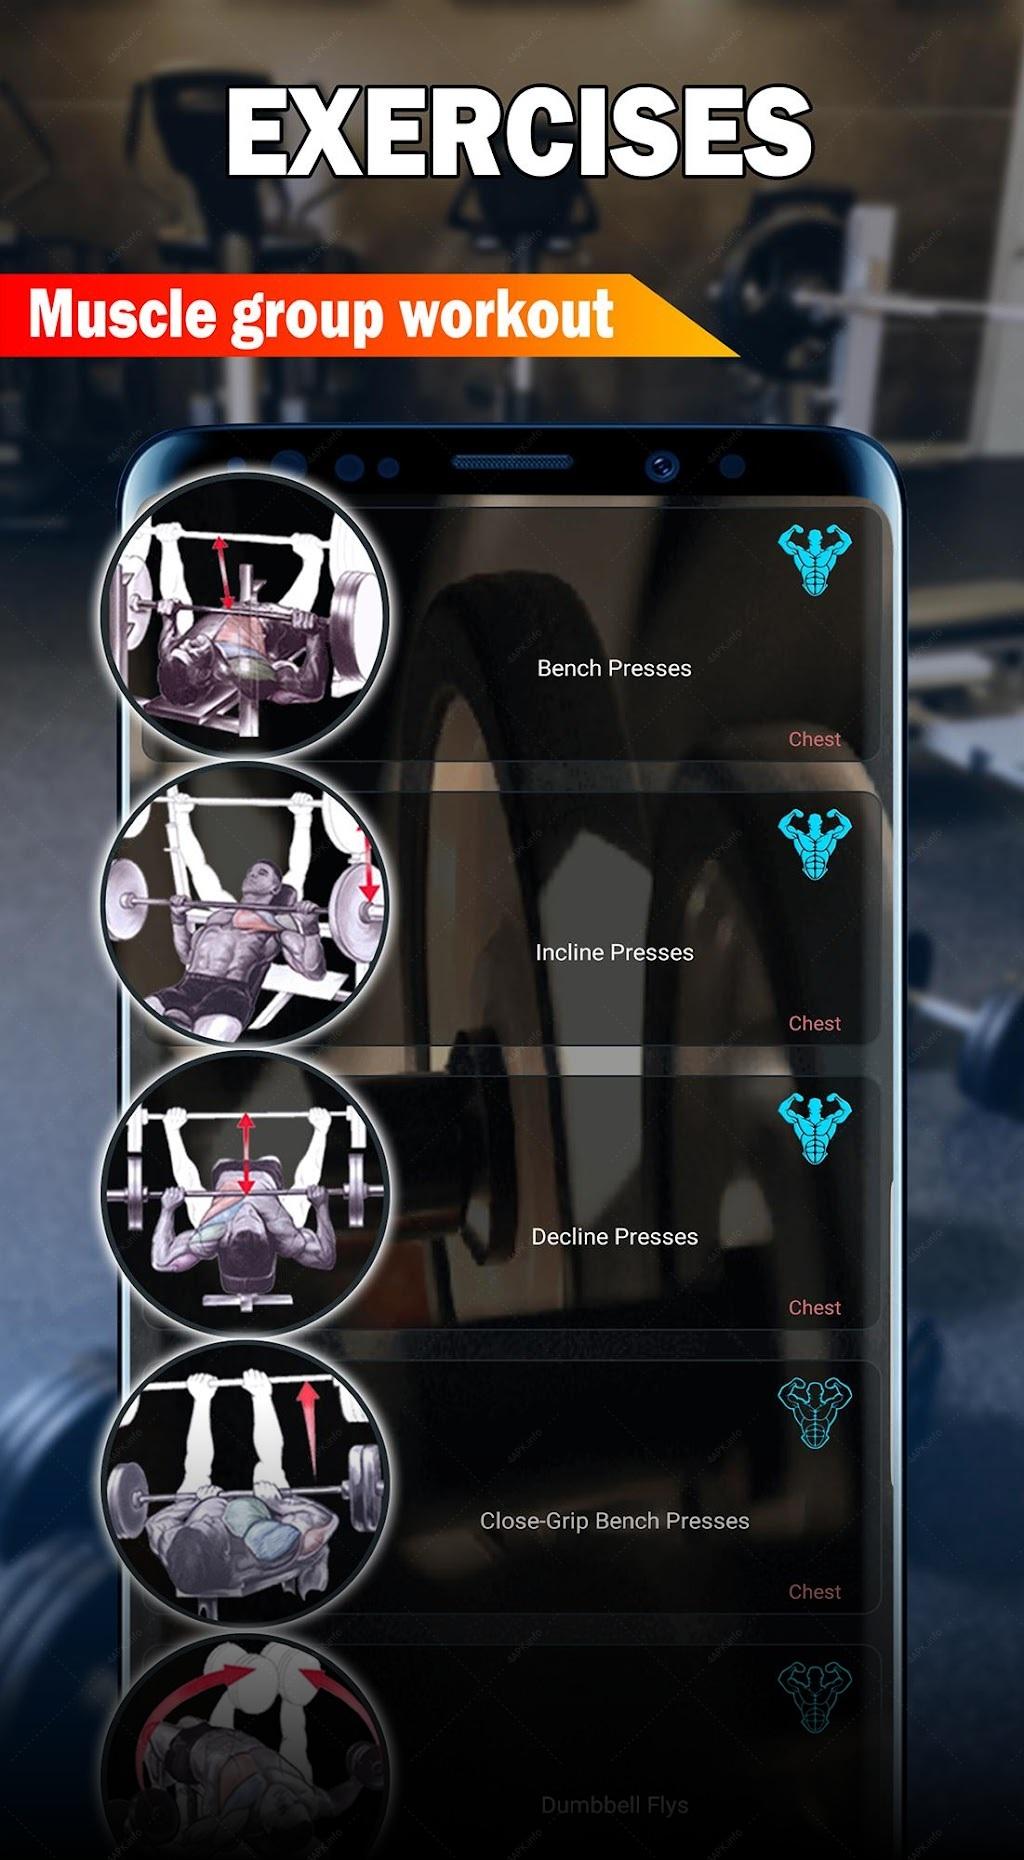 Тренажерный зал Фитнес и тренировка: Персональный screenshot